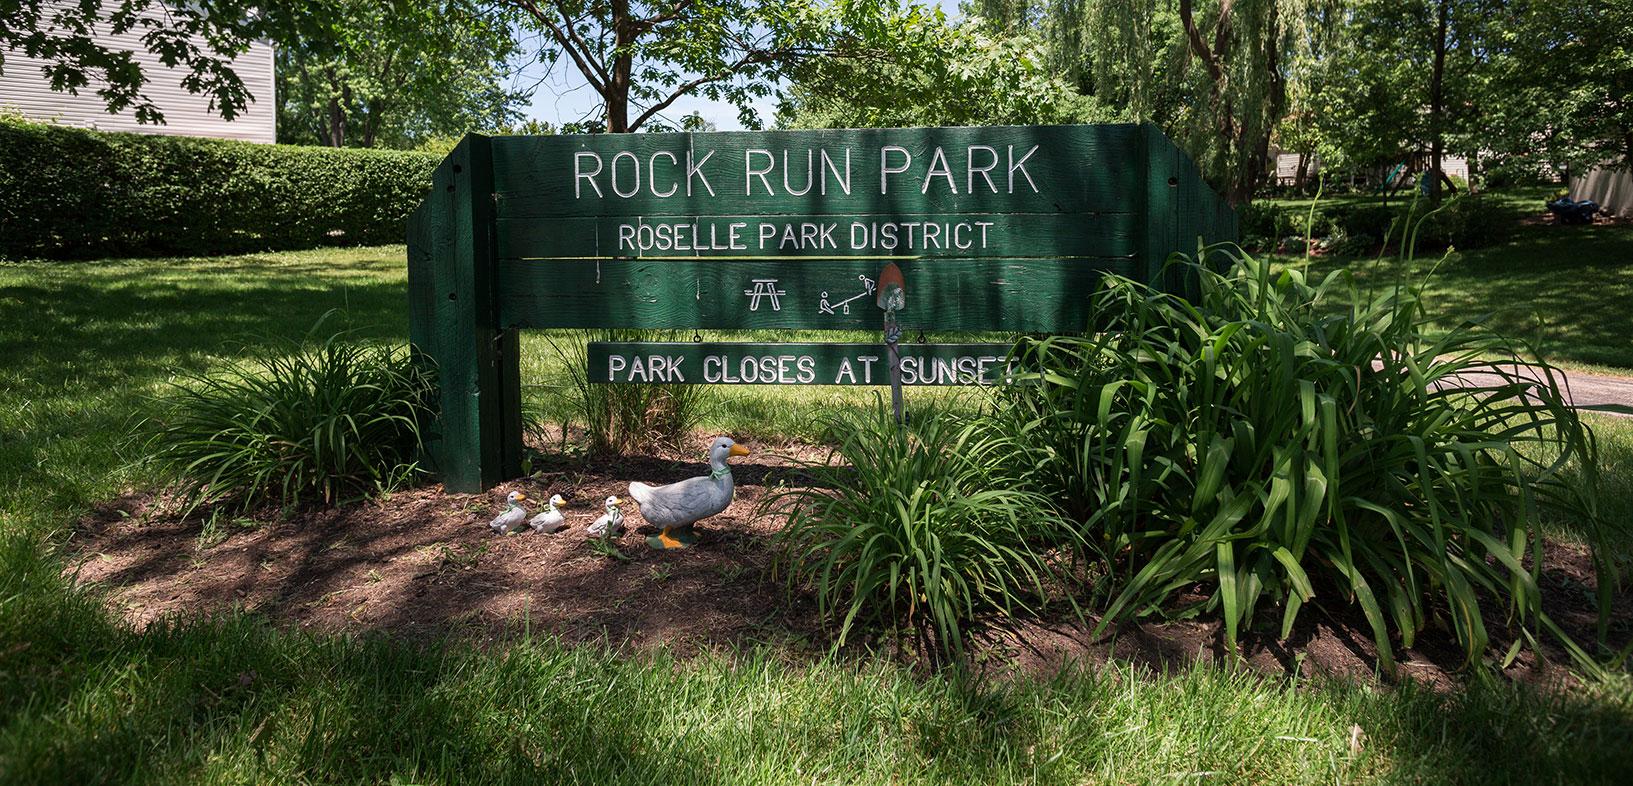 Rock Run Park